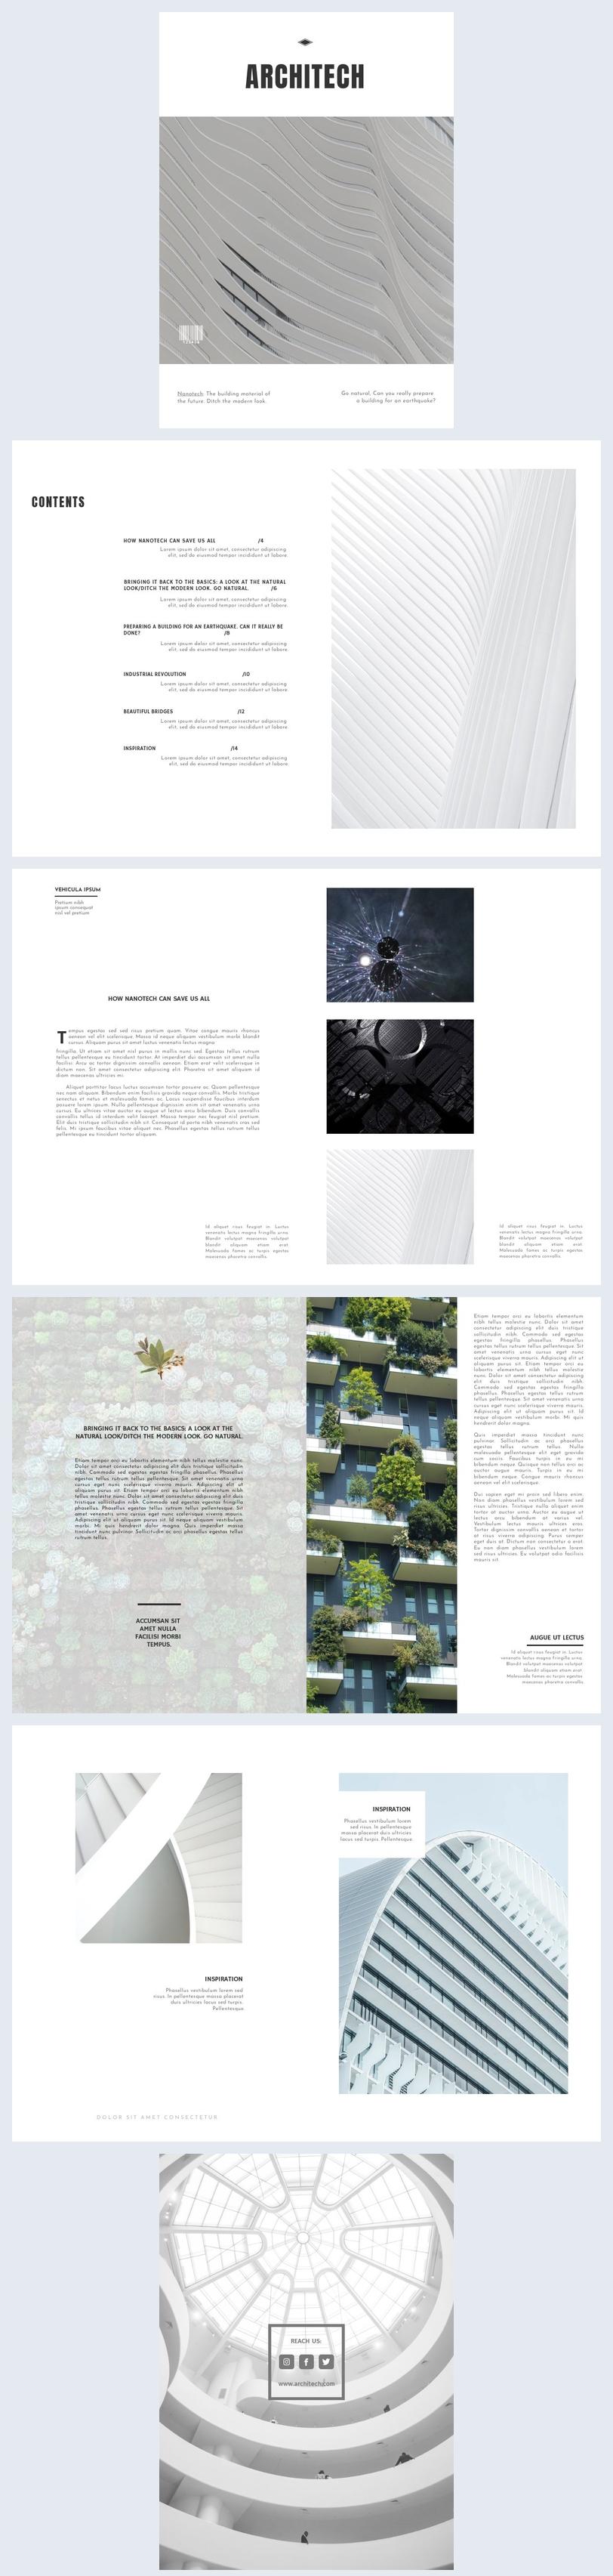 Architekturmagazin Vorlage